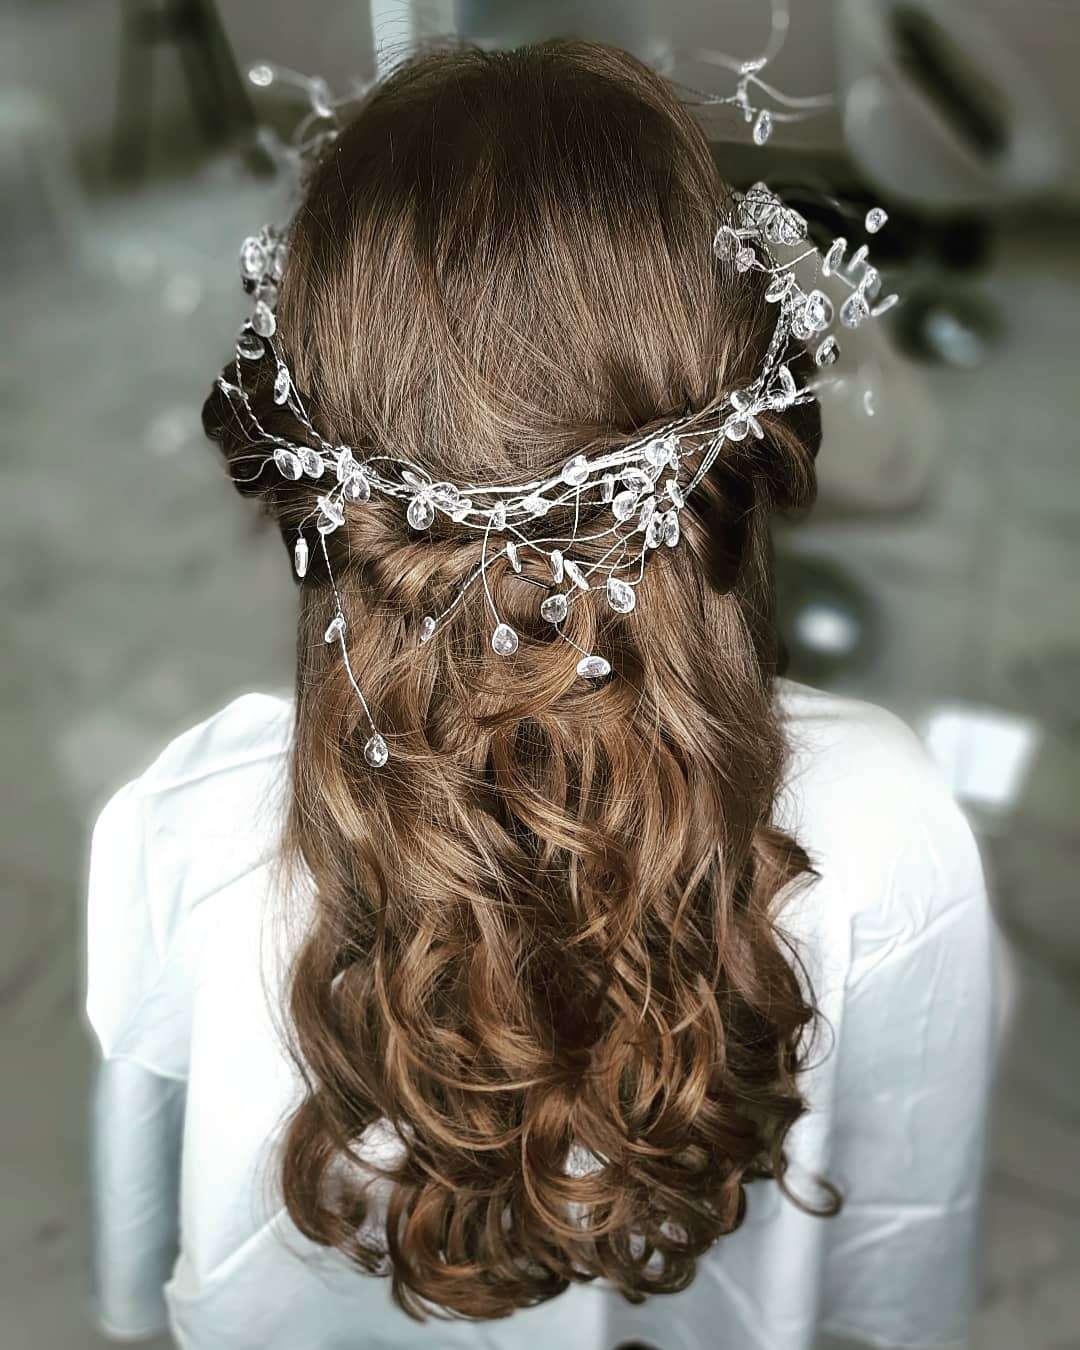 fryzury dla dziewczynki na komunię